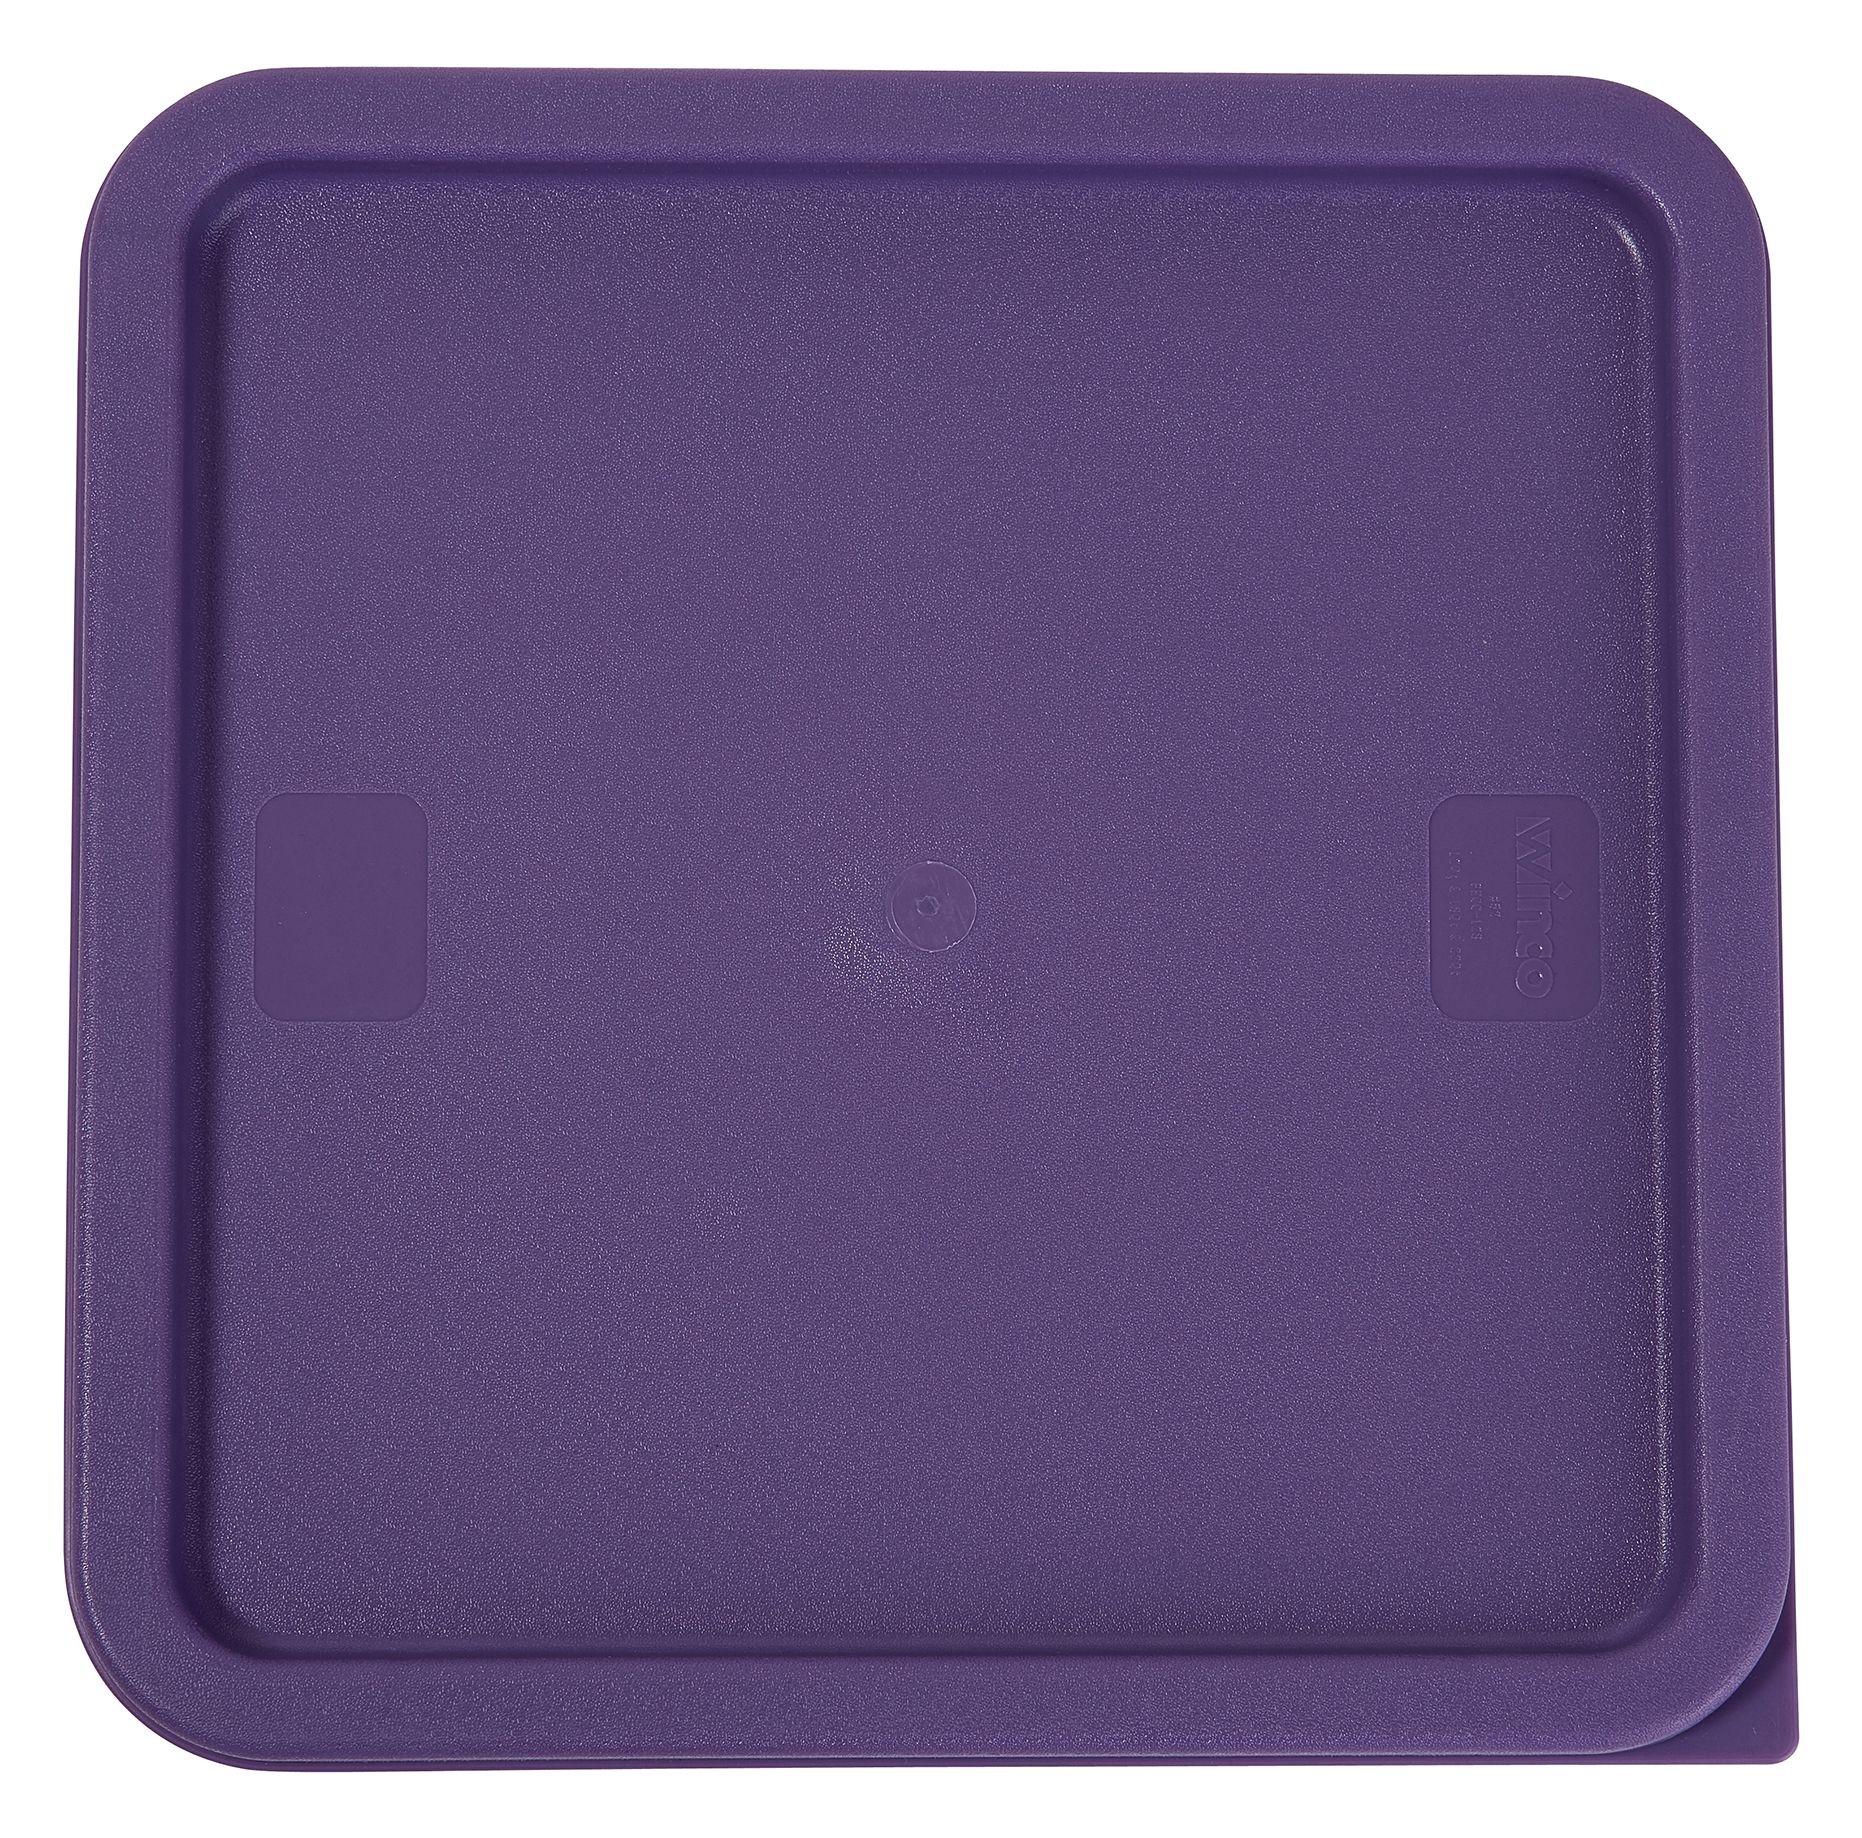 Winco PECC-128P Purple Cover for 12, 18 & 22 Qt. Containers, Allergen Free